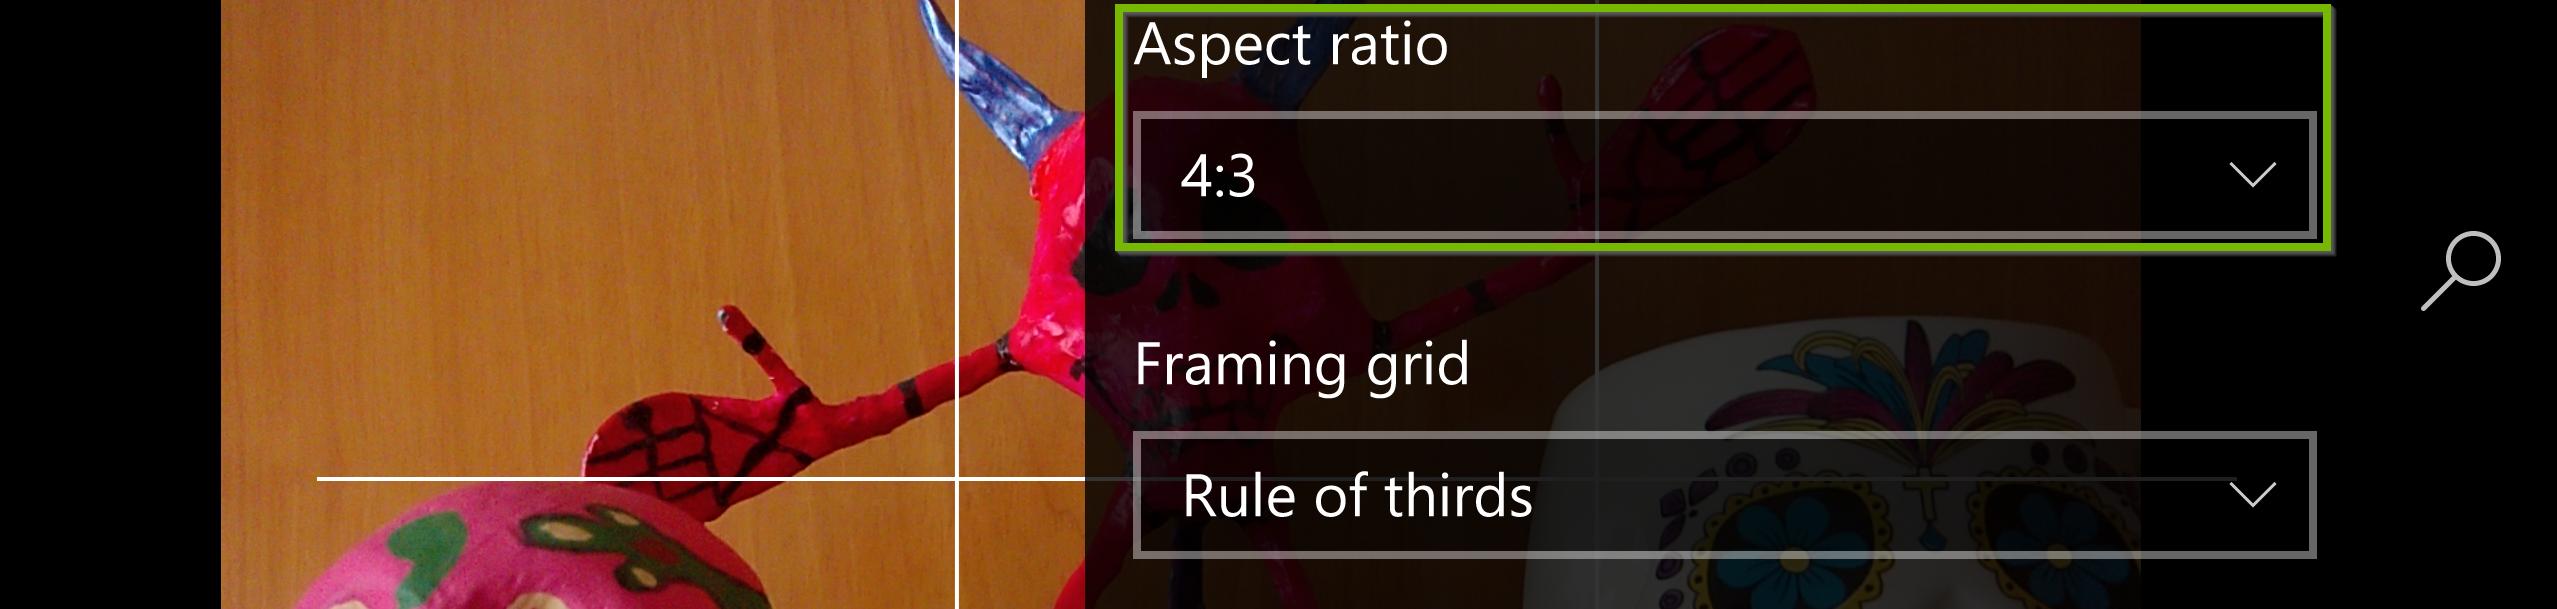 Aspect ratio settings. Screenshot.